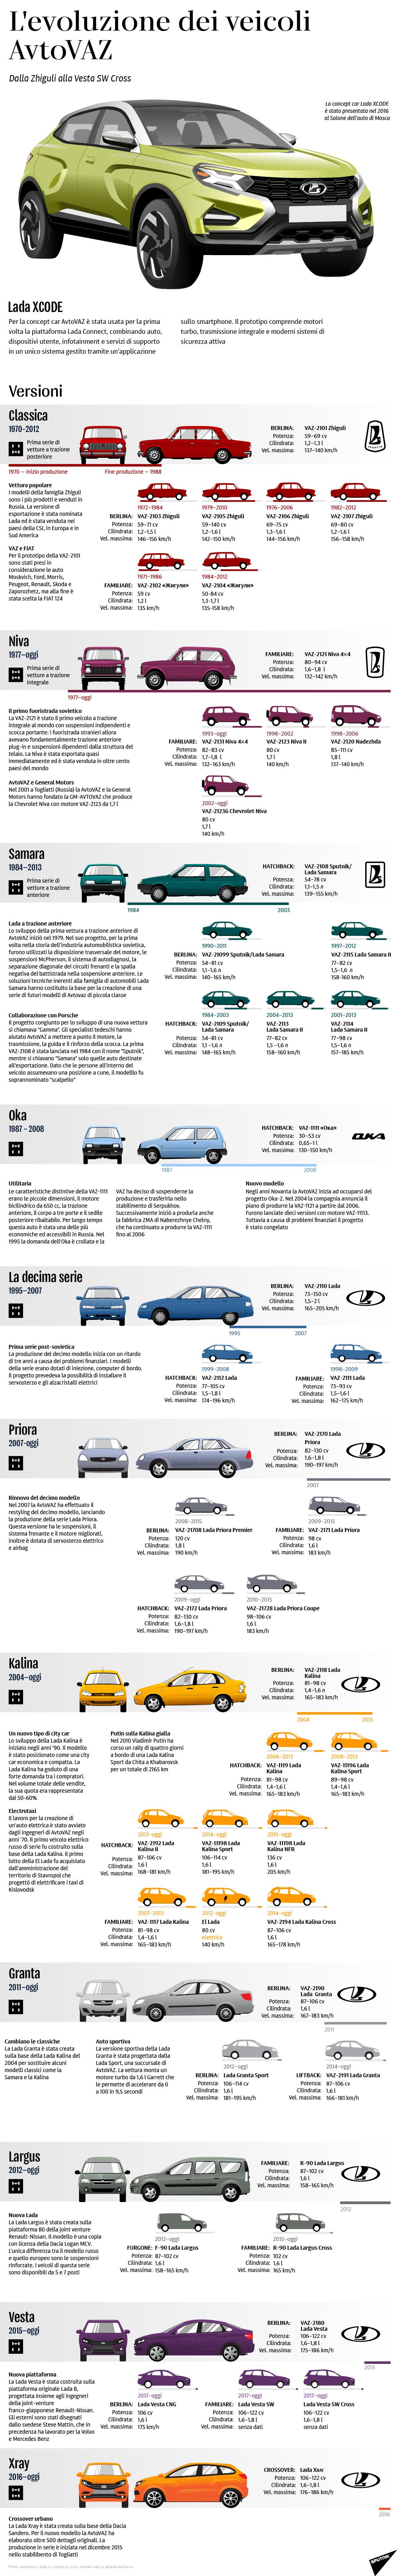 L'evoluzione dei veicoli AvtoVAZ - Sputnik Italia